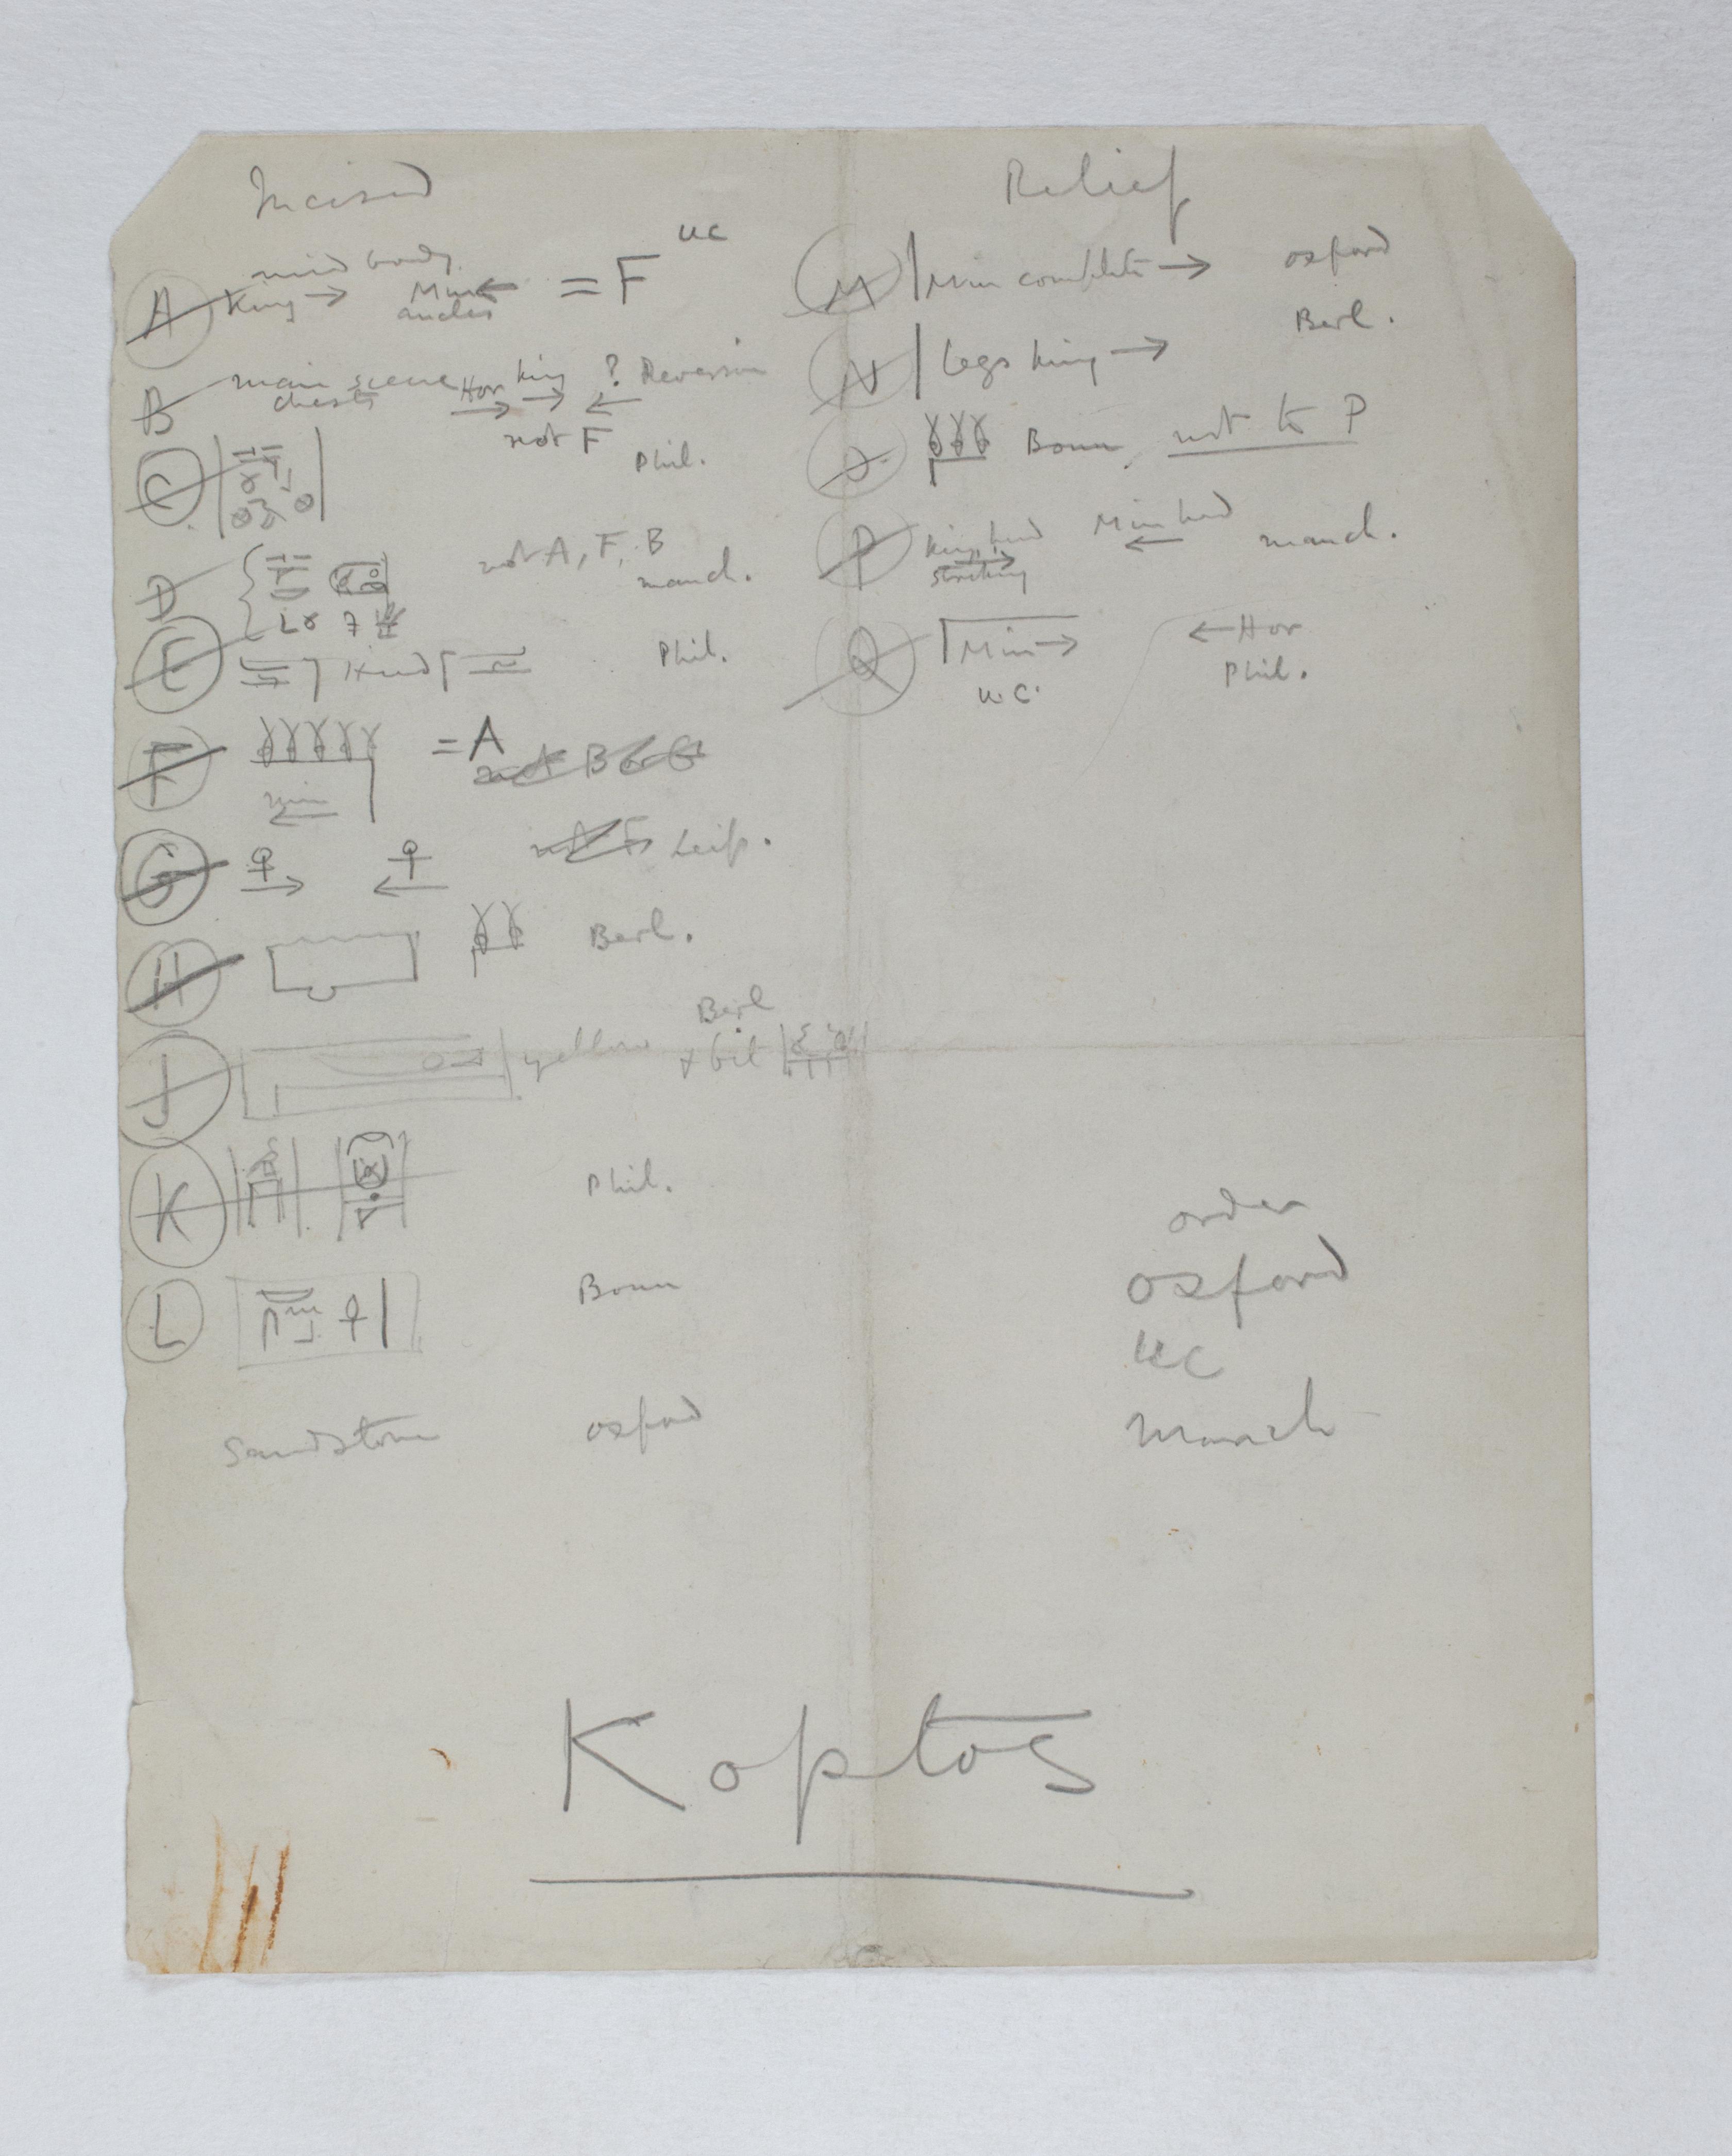 Koptos 1983-1894, Multiple Institution List, PMA/WFP1/D/2/1.2